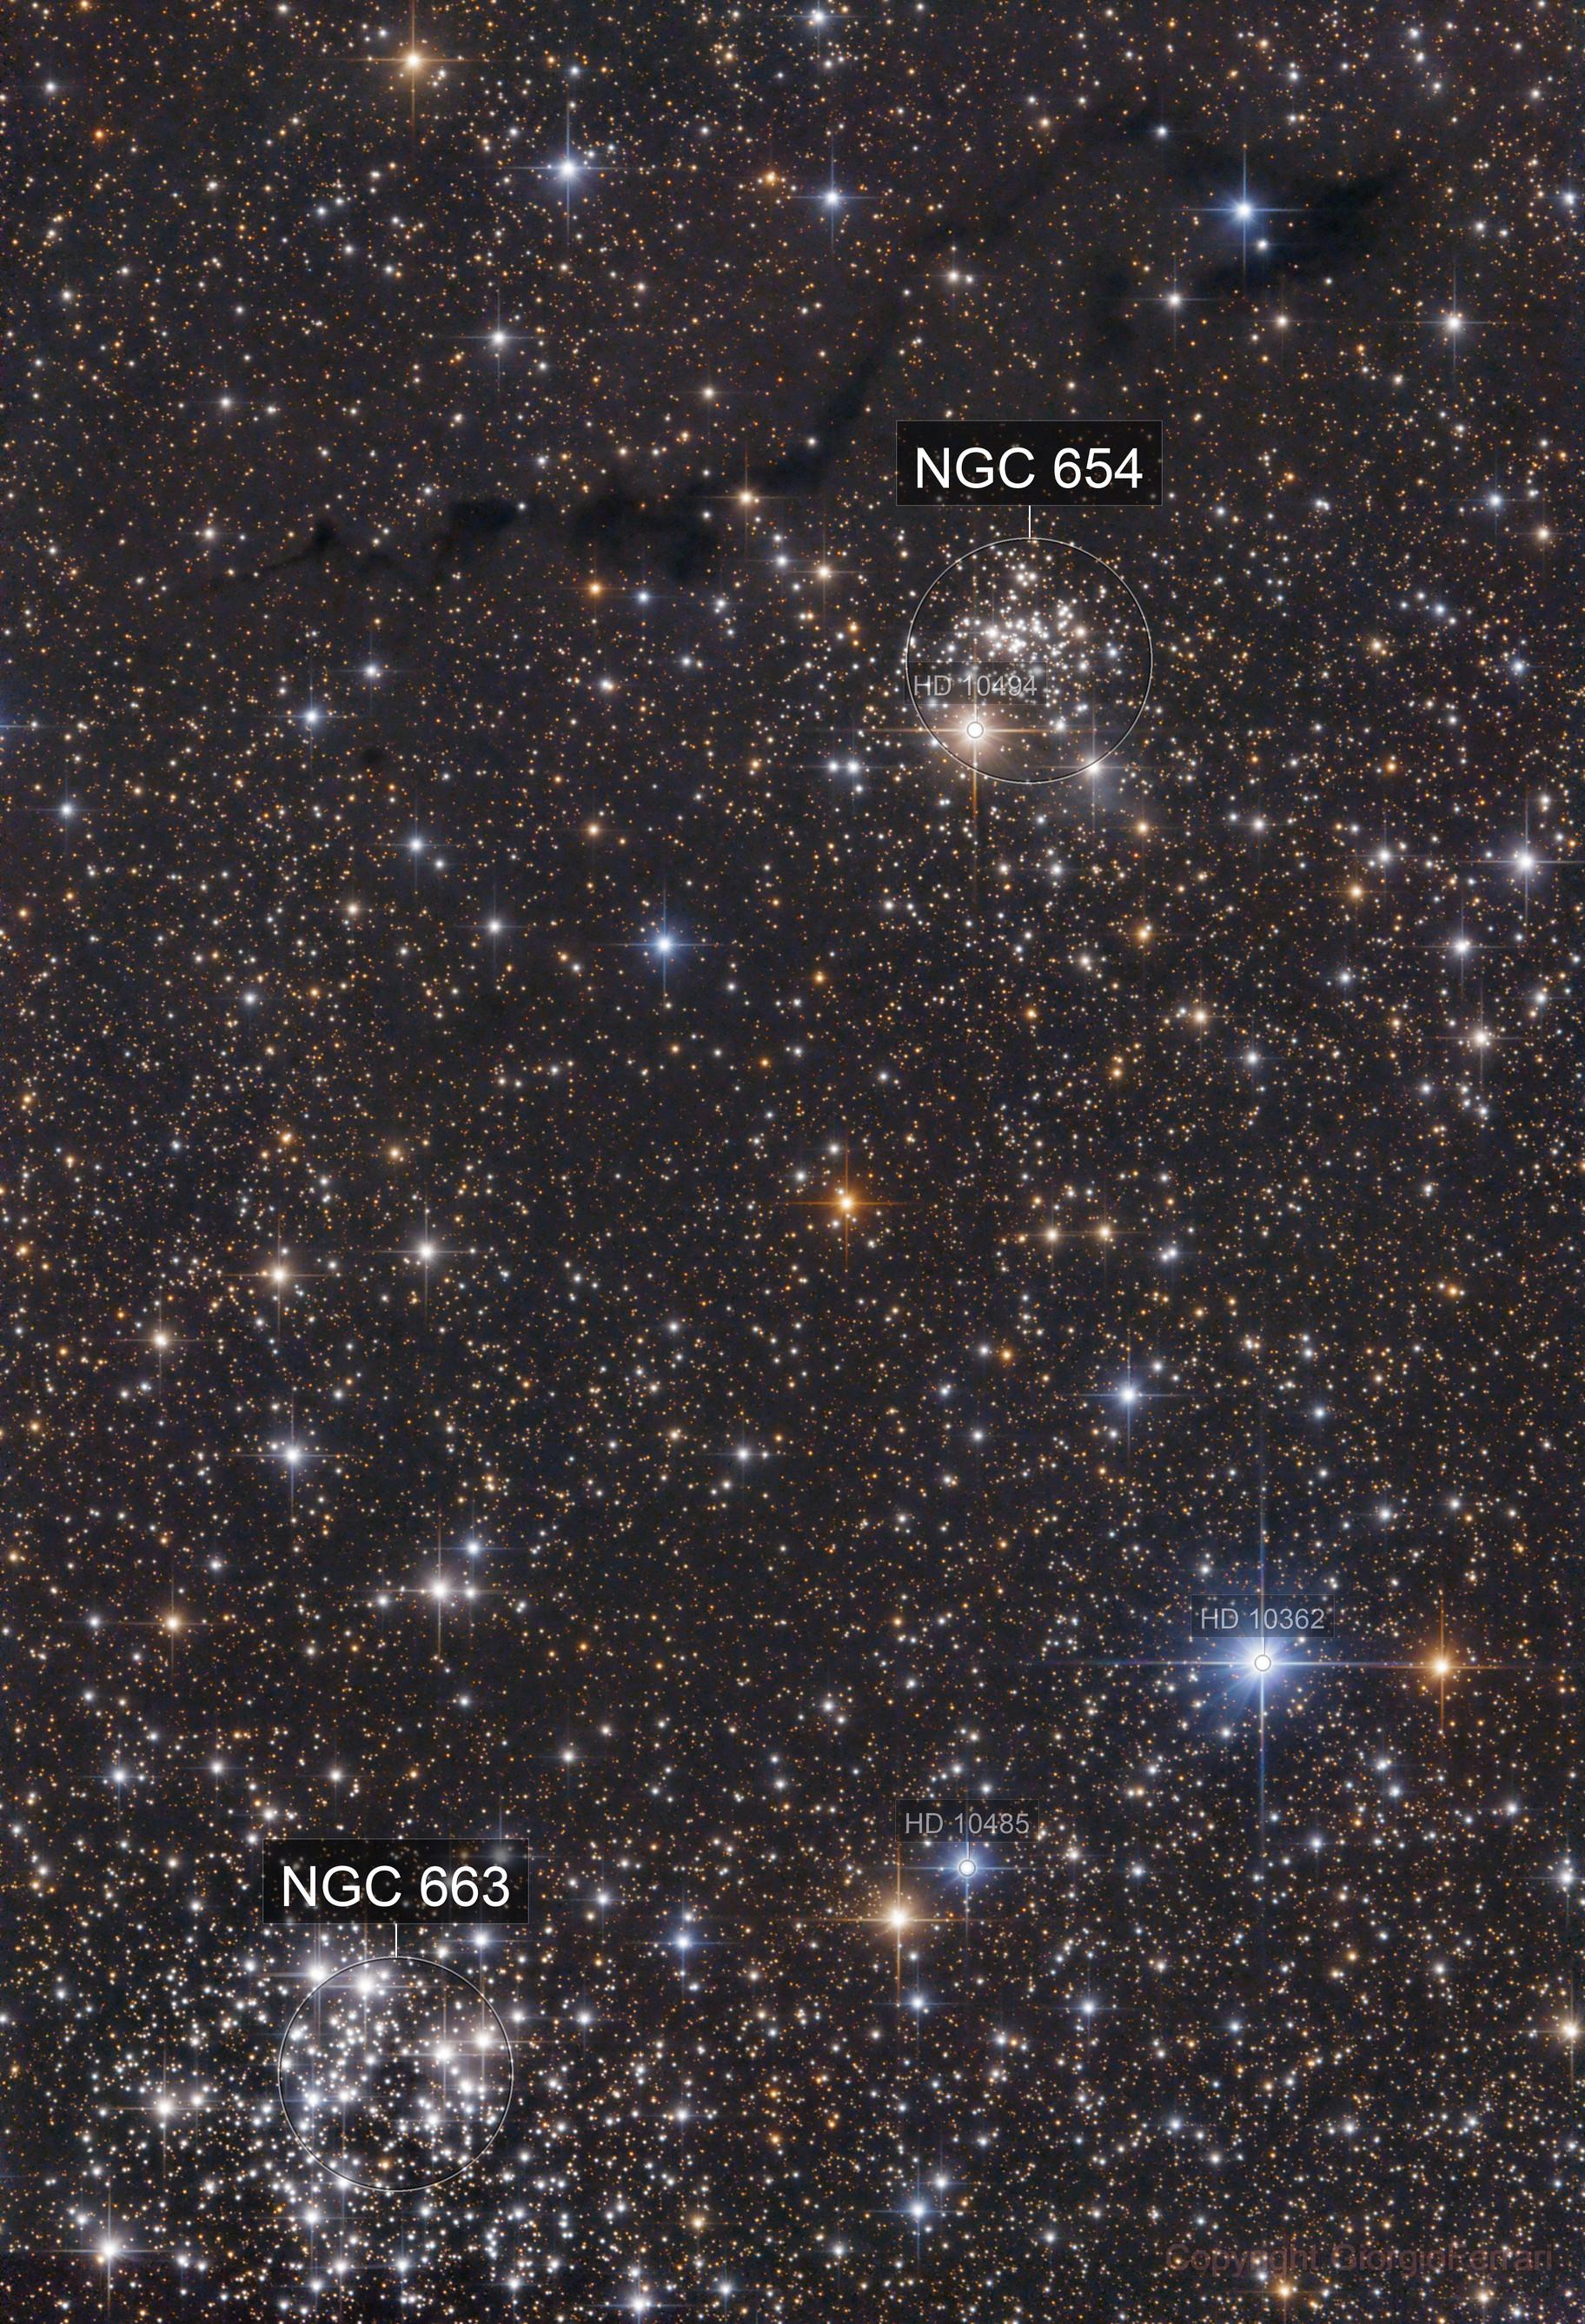 vdB6 - NGC654 - NGC663 - LDN1343-4